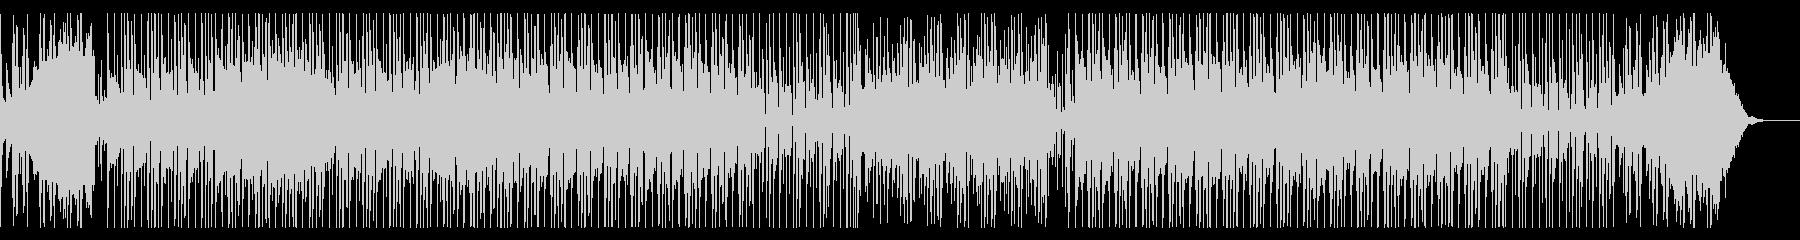 カリンバの音色が可愛らしいポップスの未再生の波形